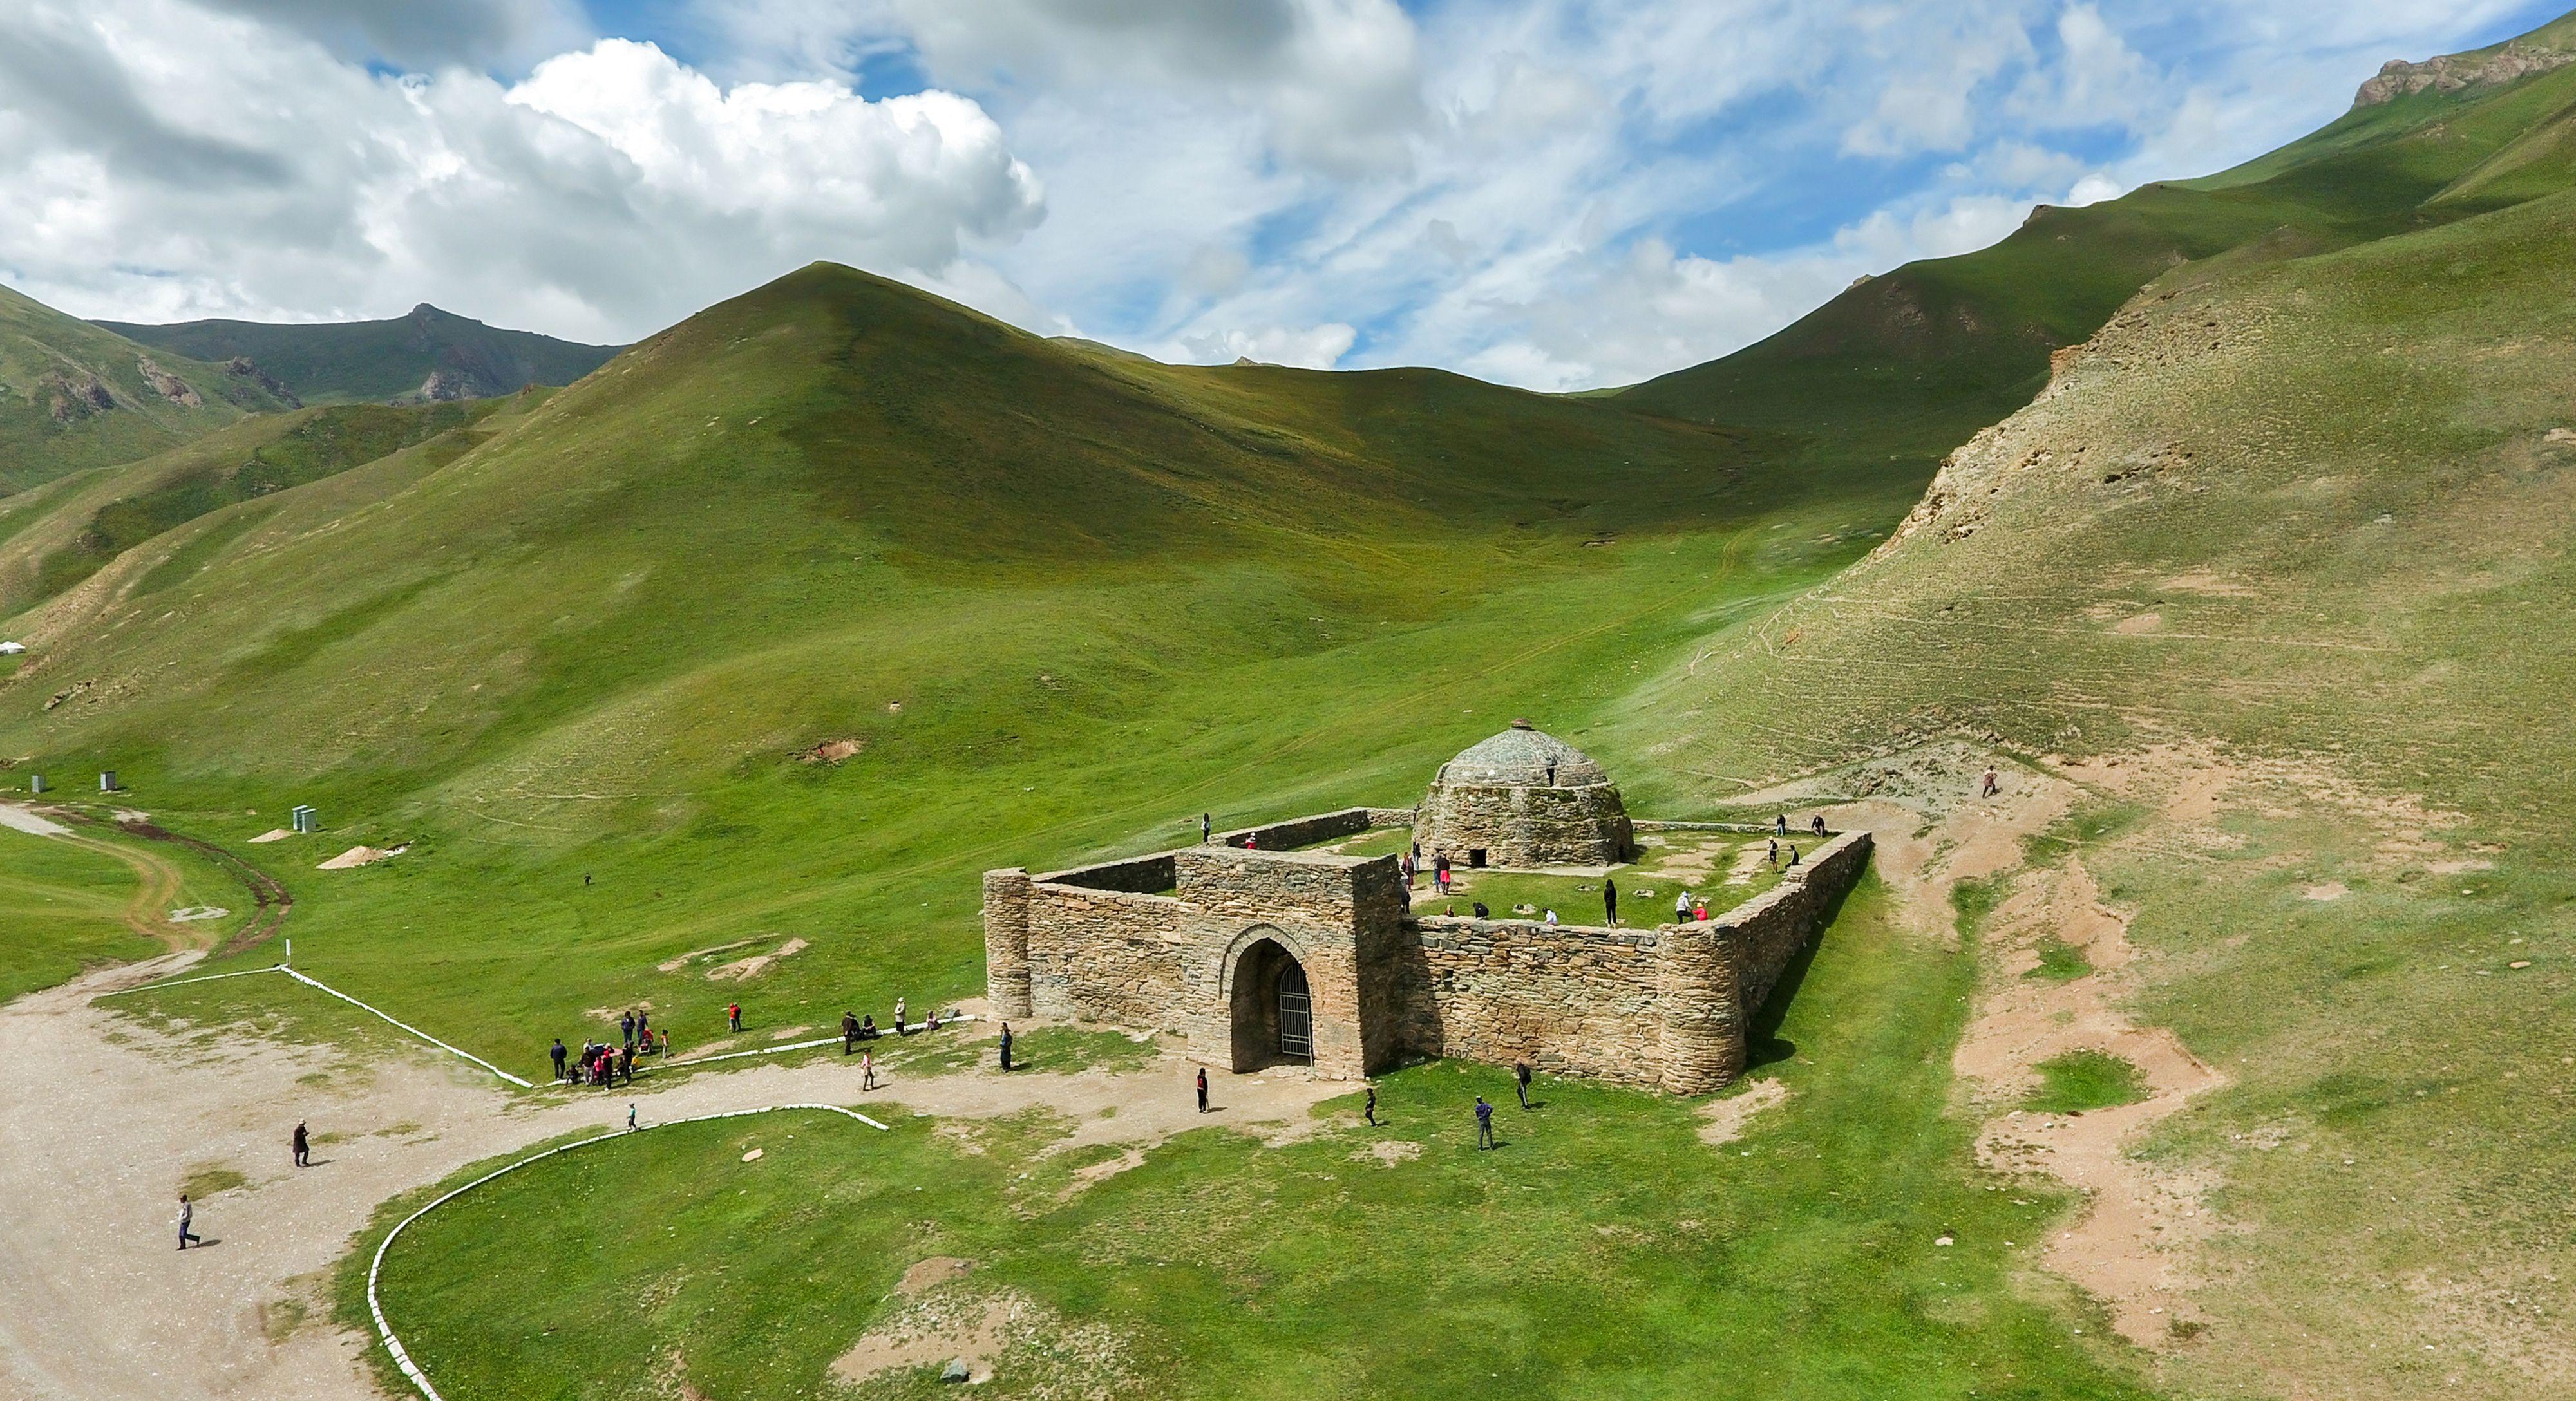 País com Q - Quirguistão